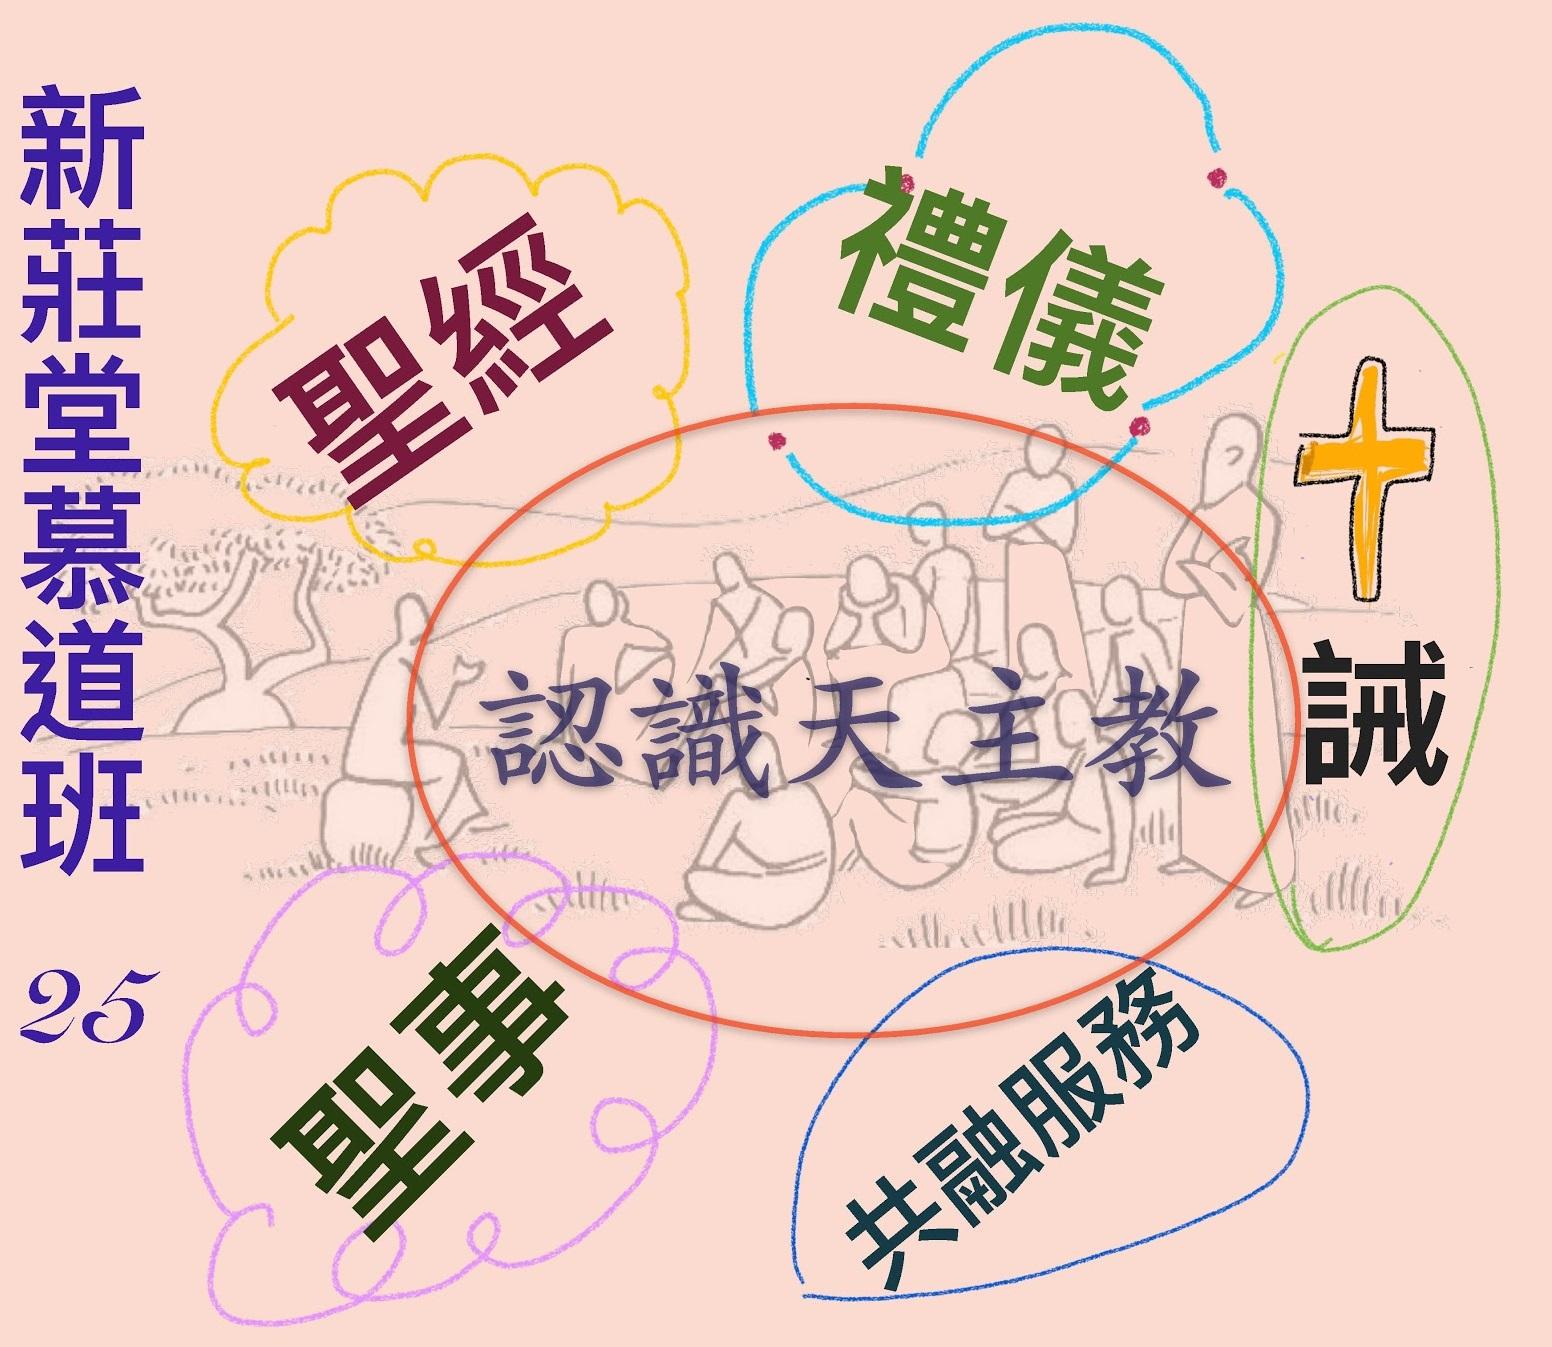 【堂區生活】本堂第25期慕道班開班,歡迎所有人來認識天主耶穌基督,認識新莊聖保祿天主堂